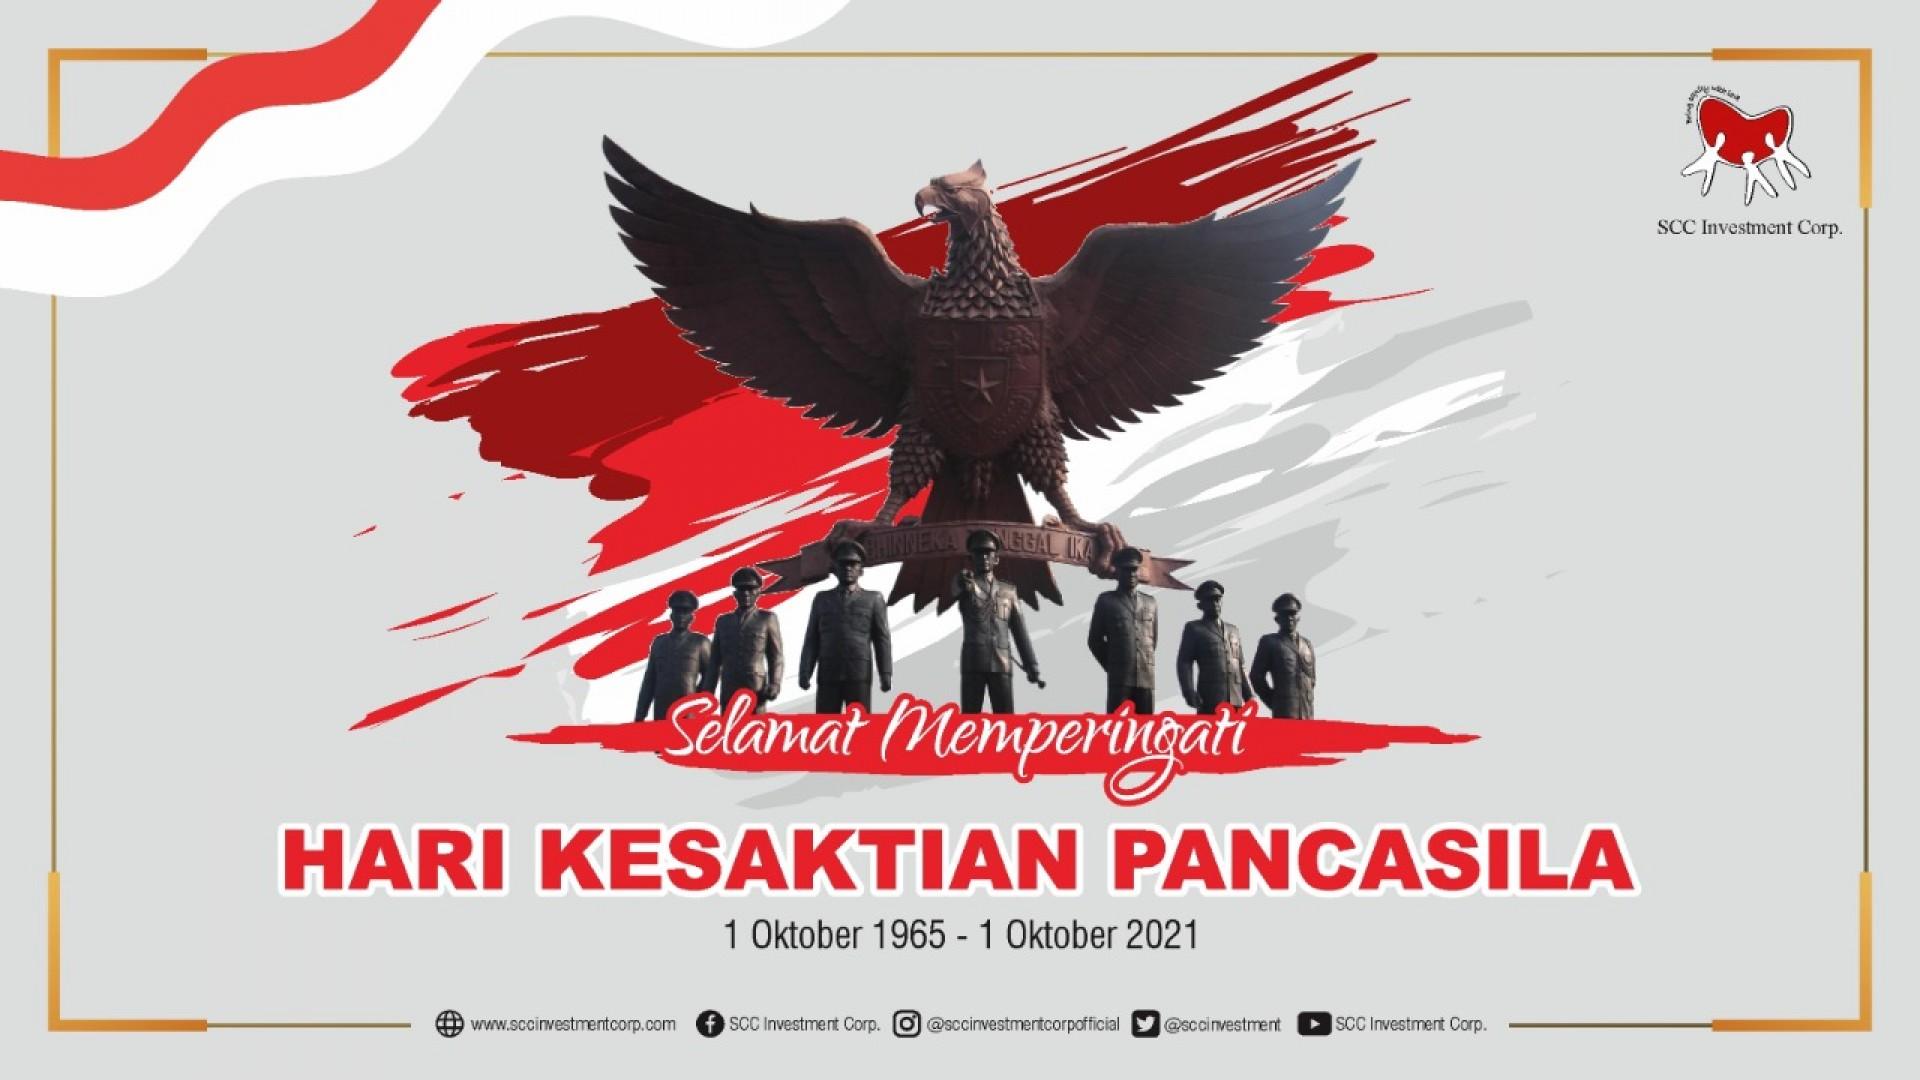 Selamat Hari Kesaktian Pancasila 1 Oktober 2021